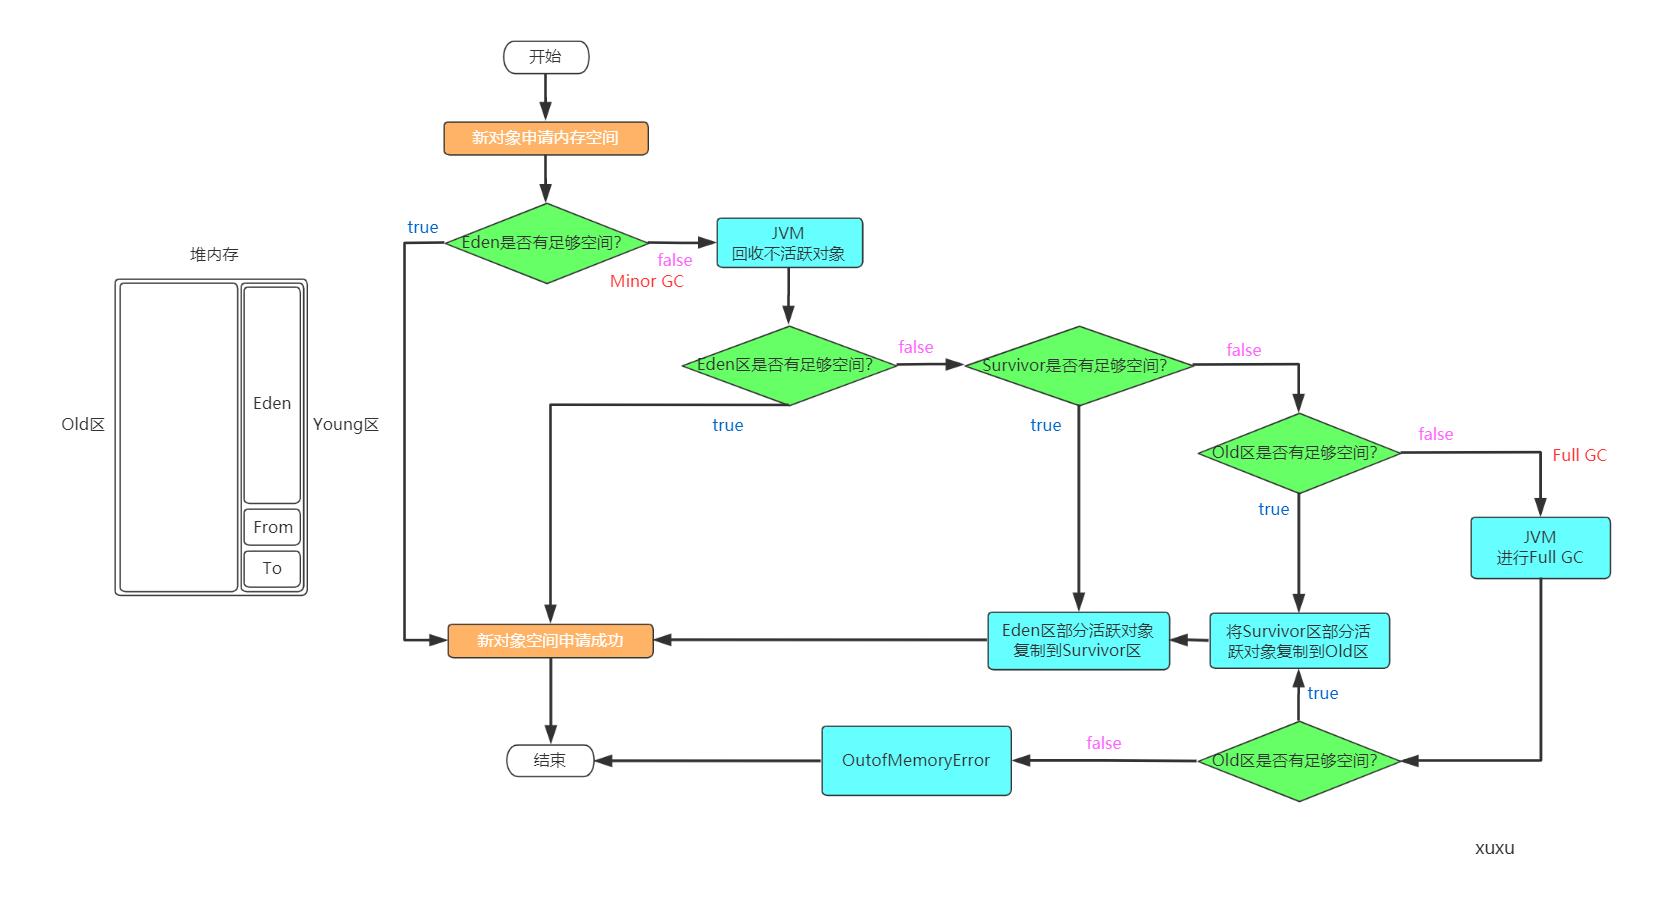 新对象申请内存空间流程图